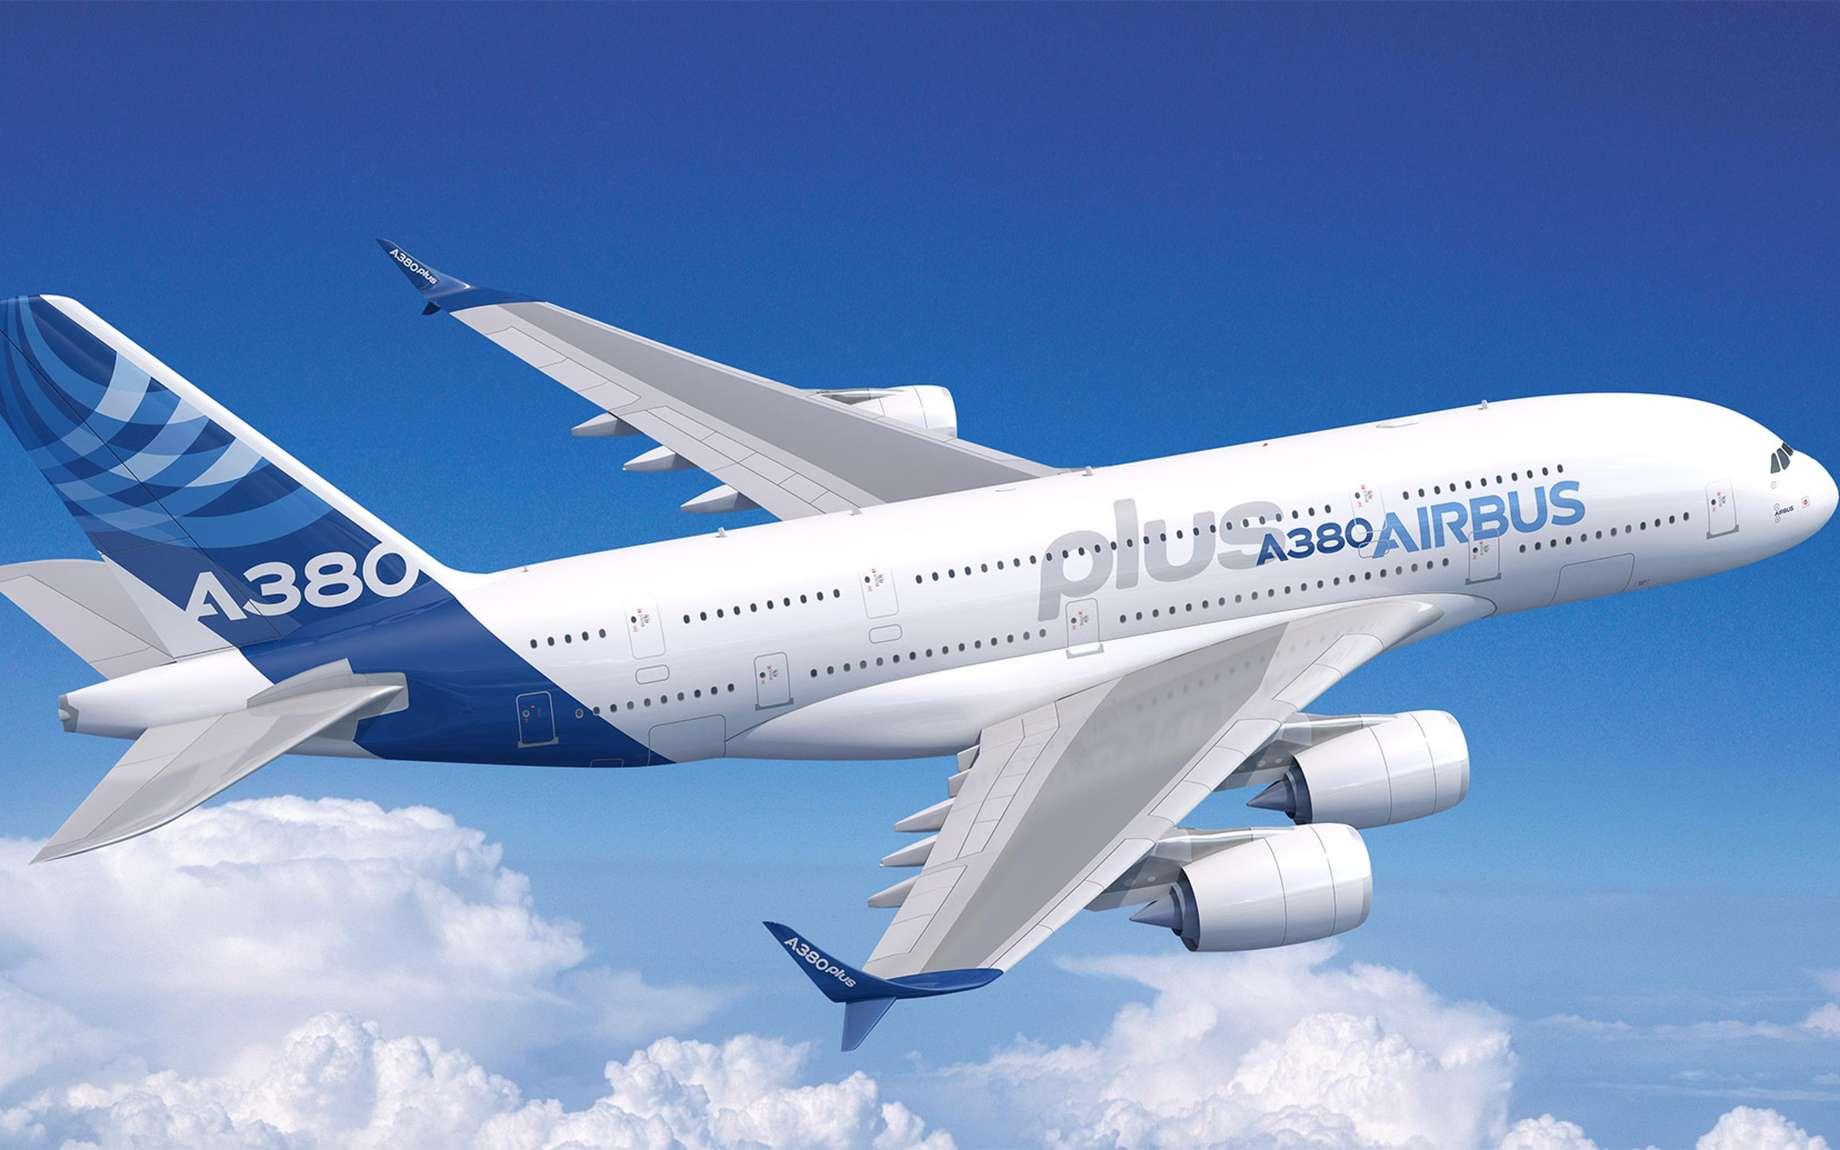 Vu d'artiste d'un A380plus. Cet avion pourrait voler dès 2020. © Airbus SAS 2017